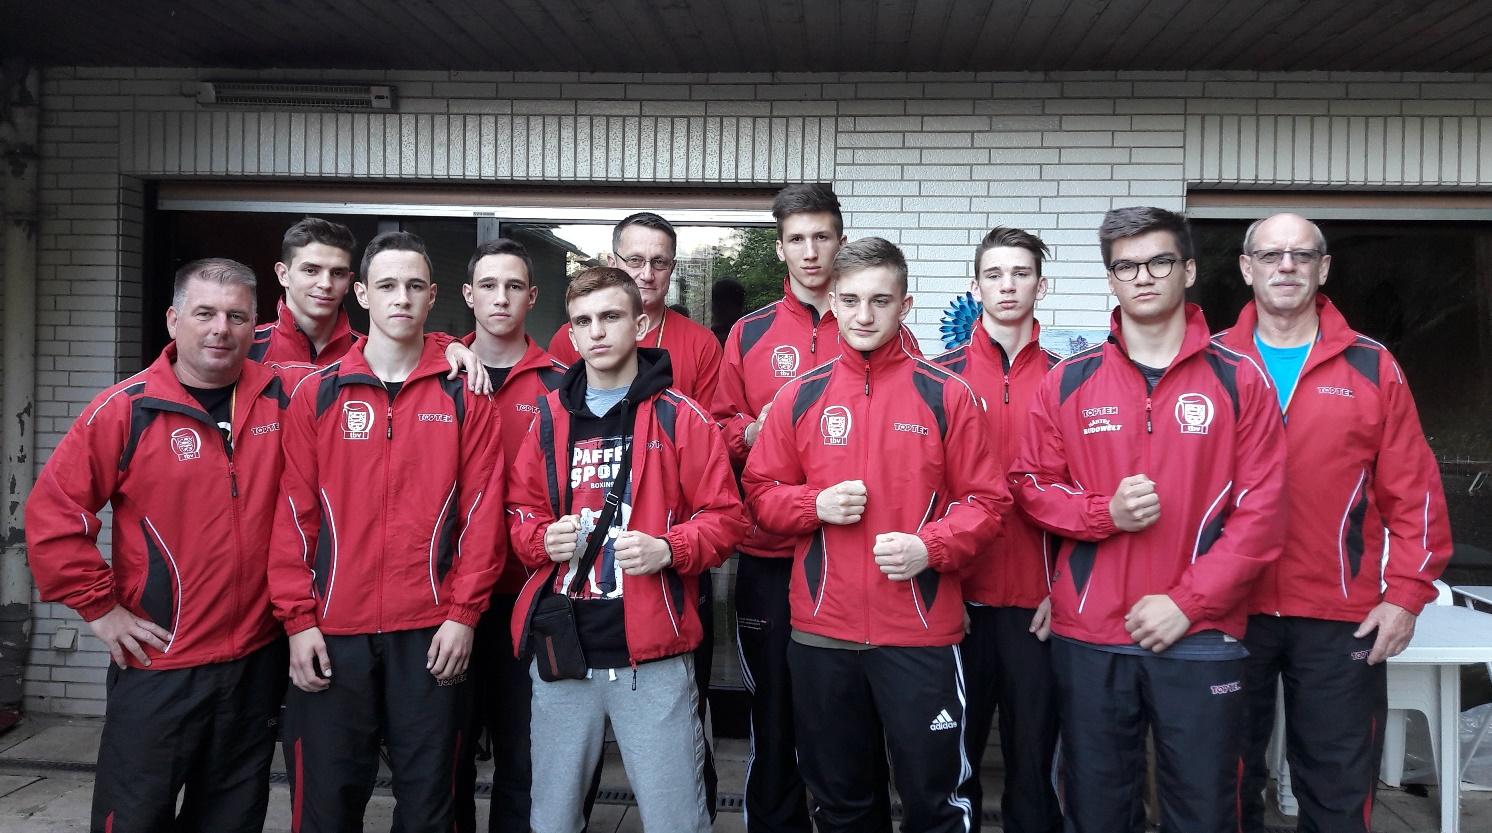 Jugend DM 2017 in Velbert